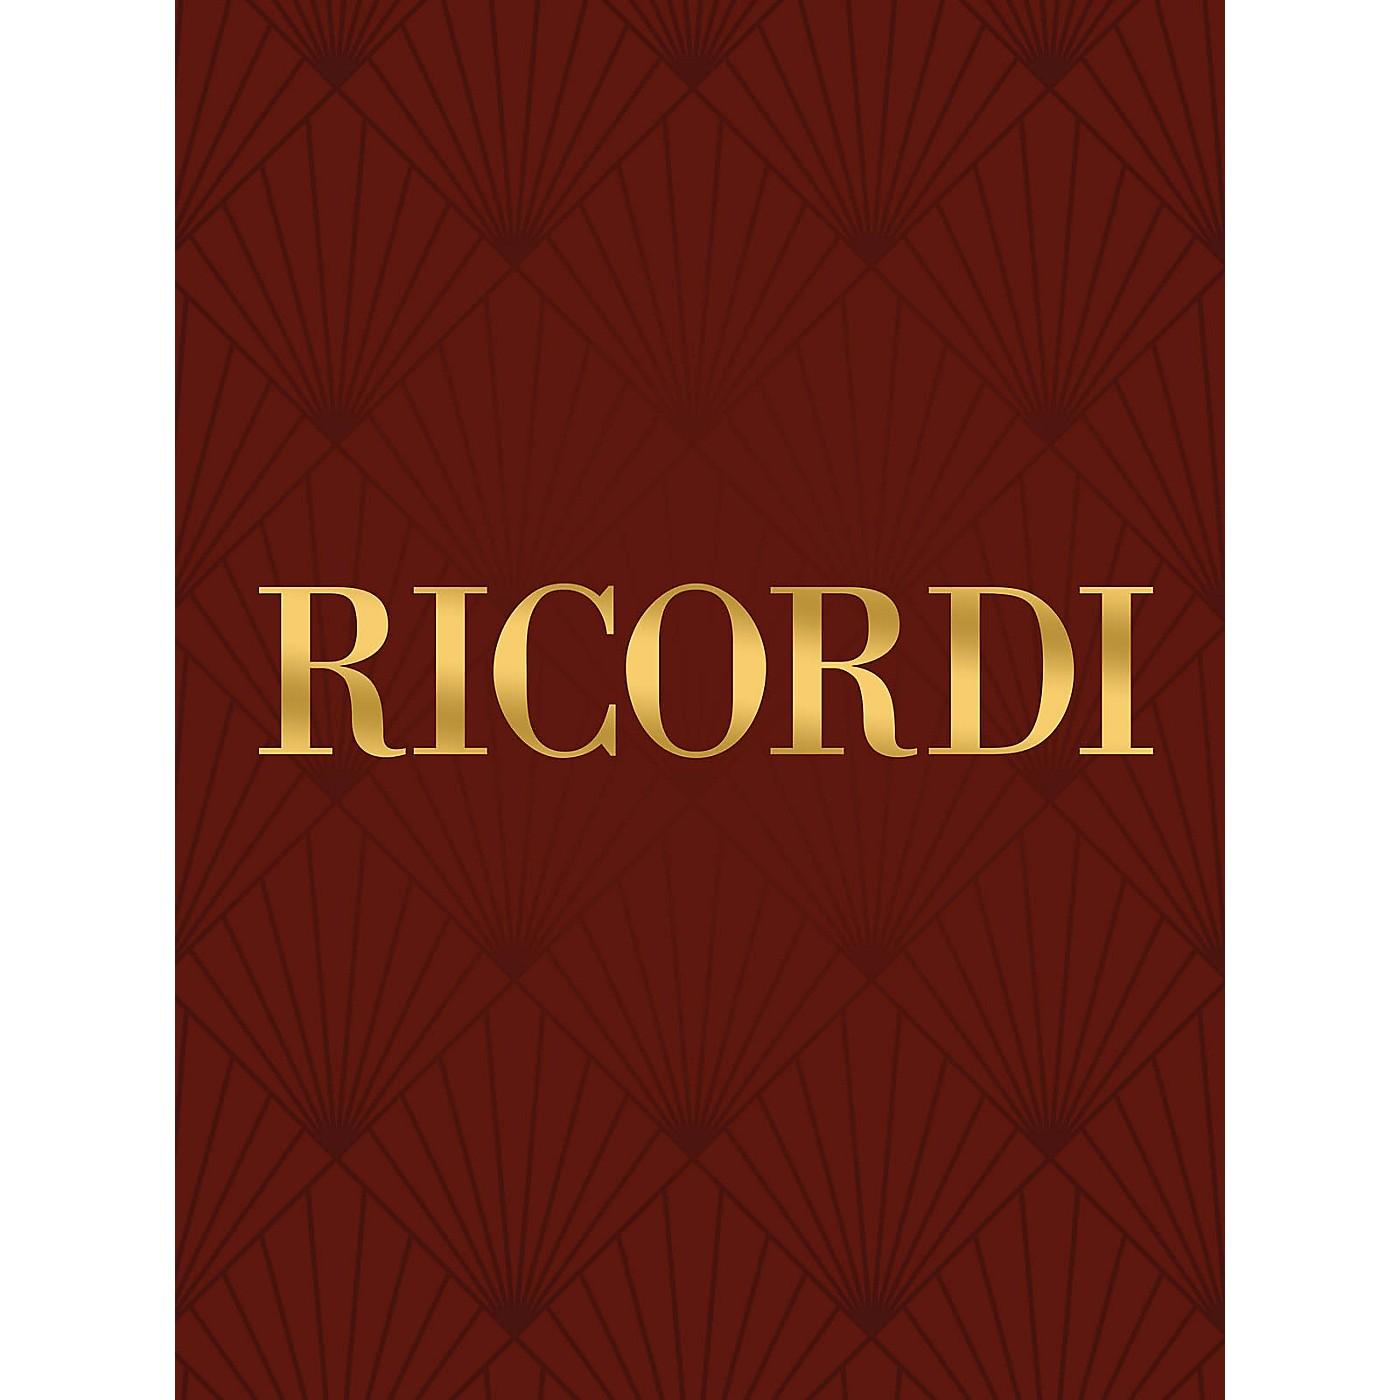 Ricordi Capriccio (Oboe with Piano Accompaniment) Woodwind Solo Series by Amilcare Ponchielli thumbnail